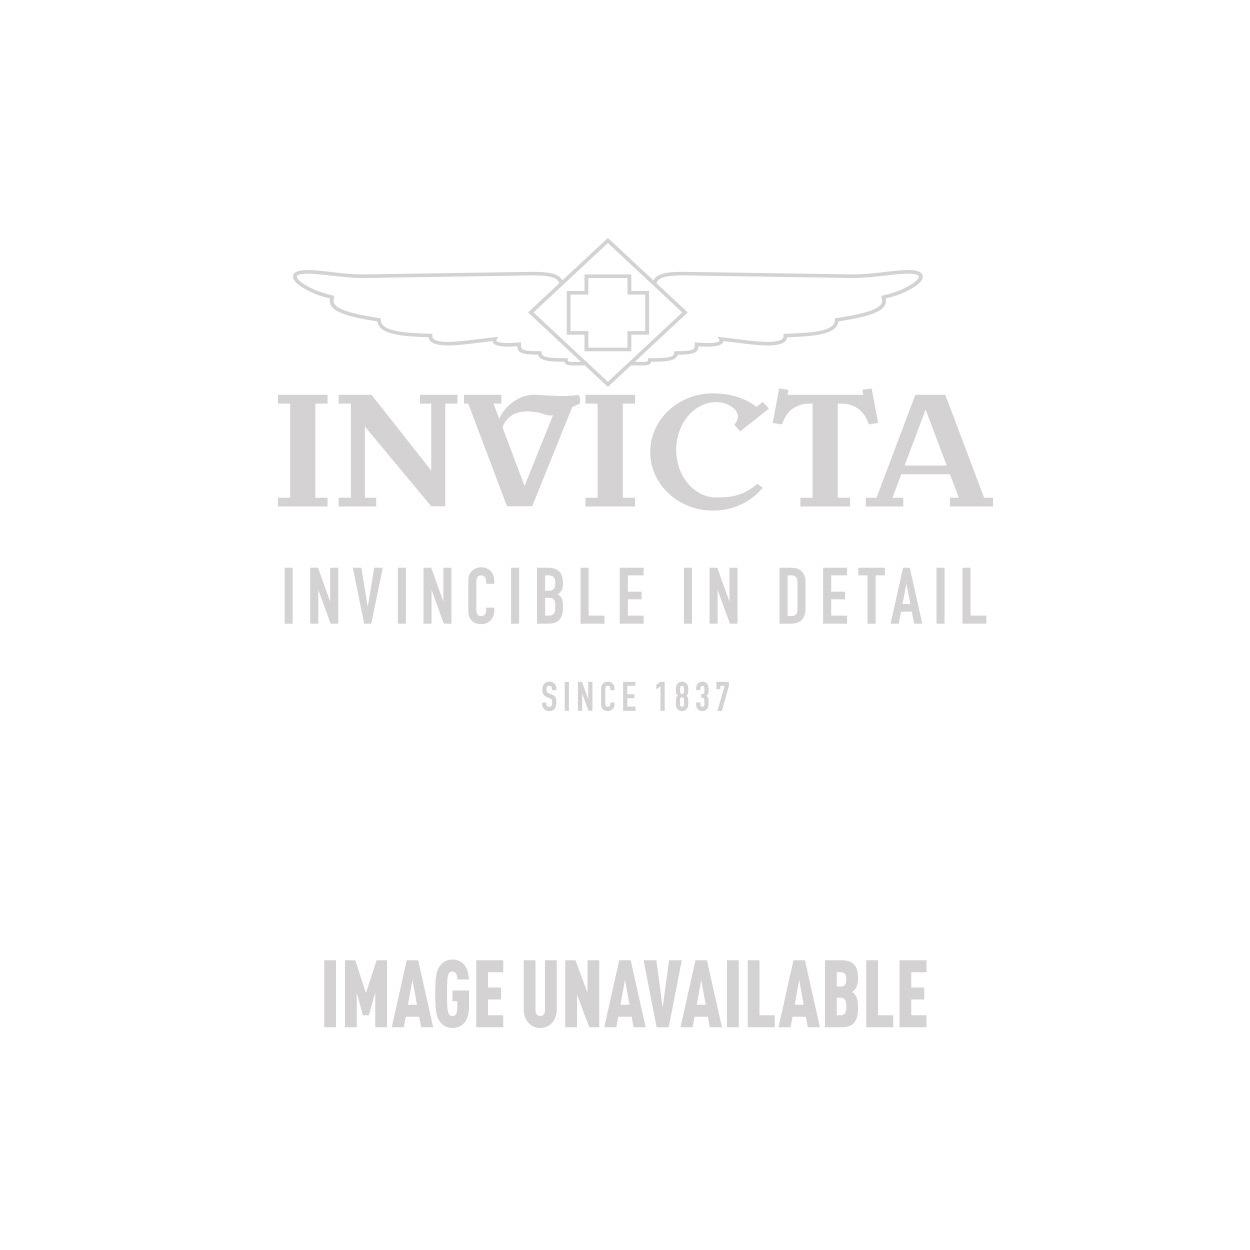 Invicta Model 28967